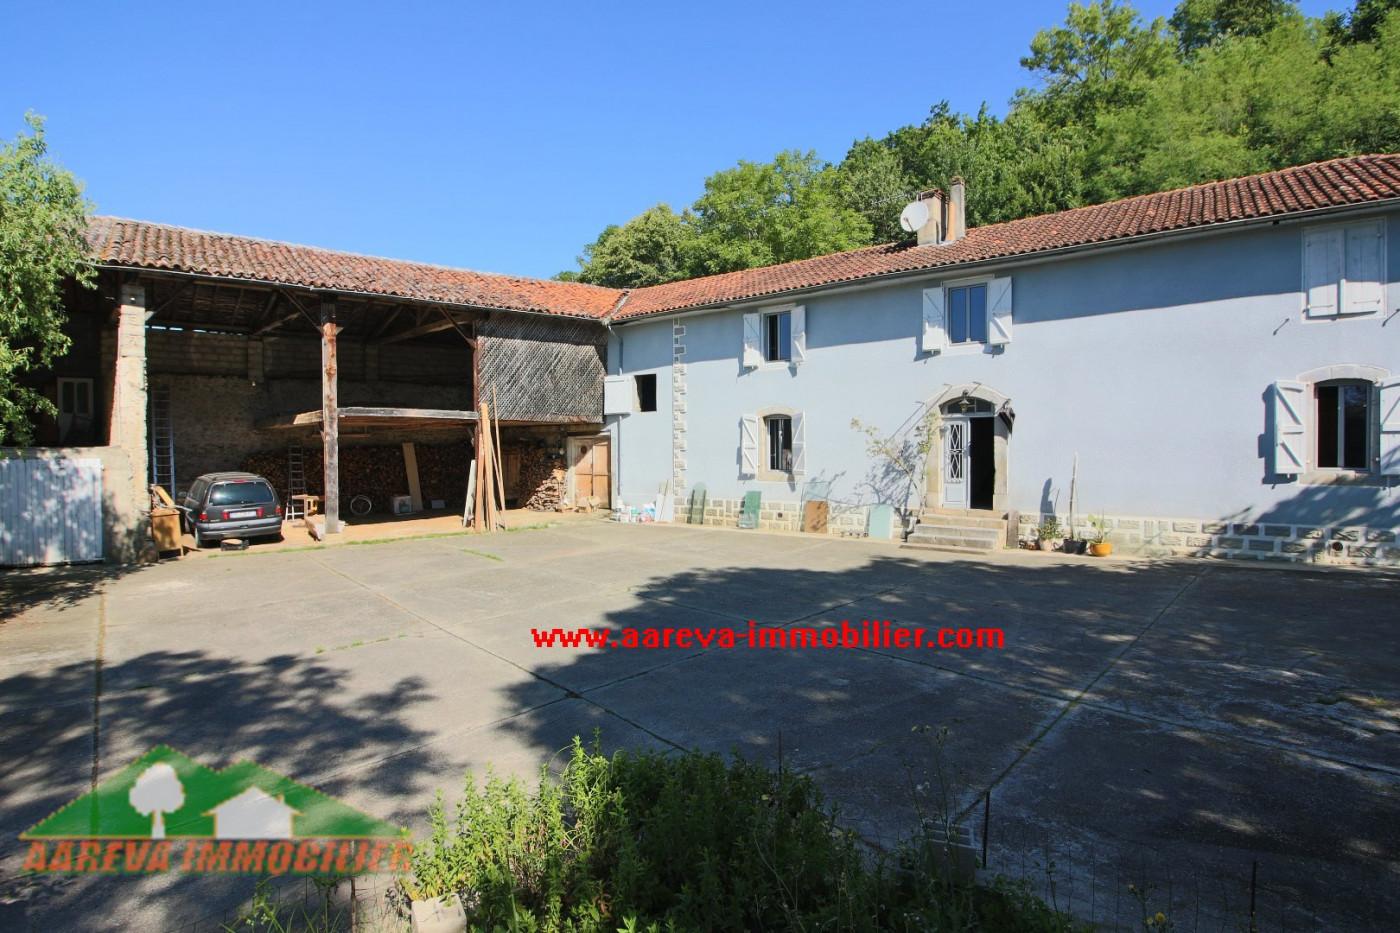 A vendre  Villeneuve De Riviere | Réf 31158690 - Aareva immobilier